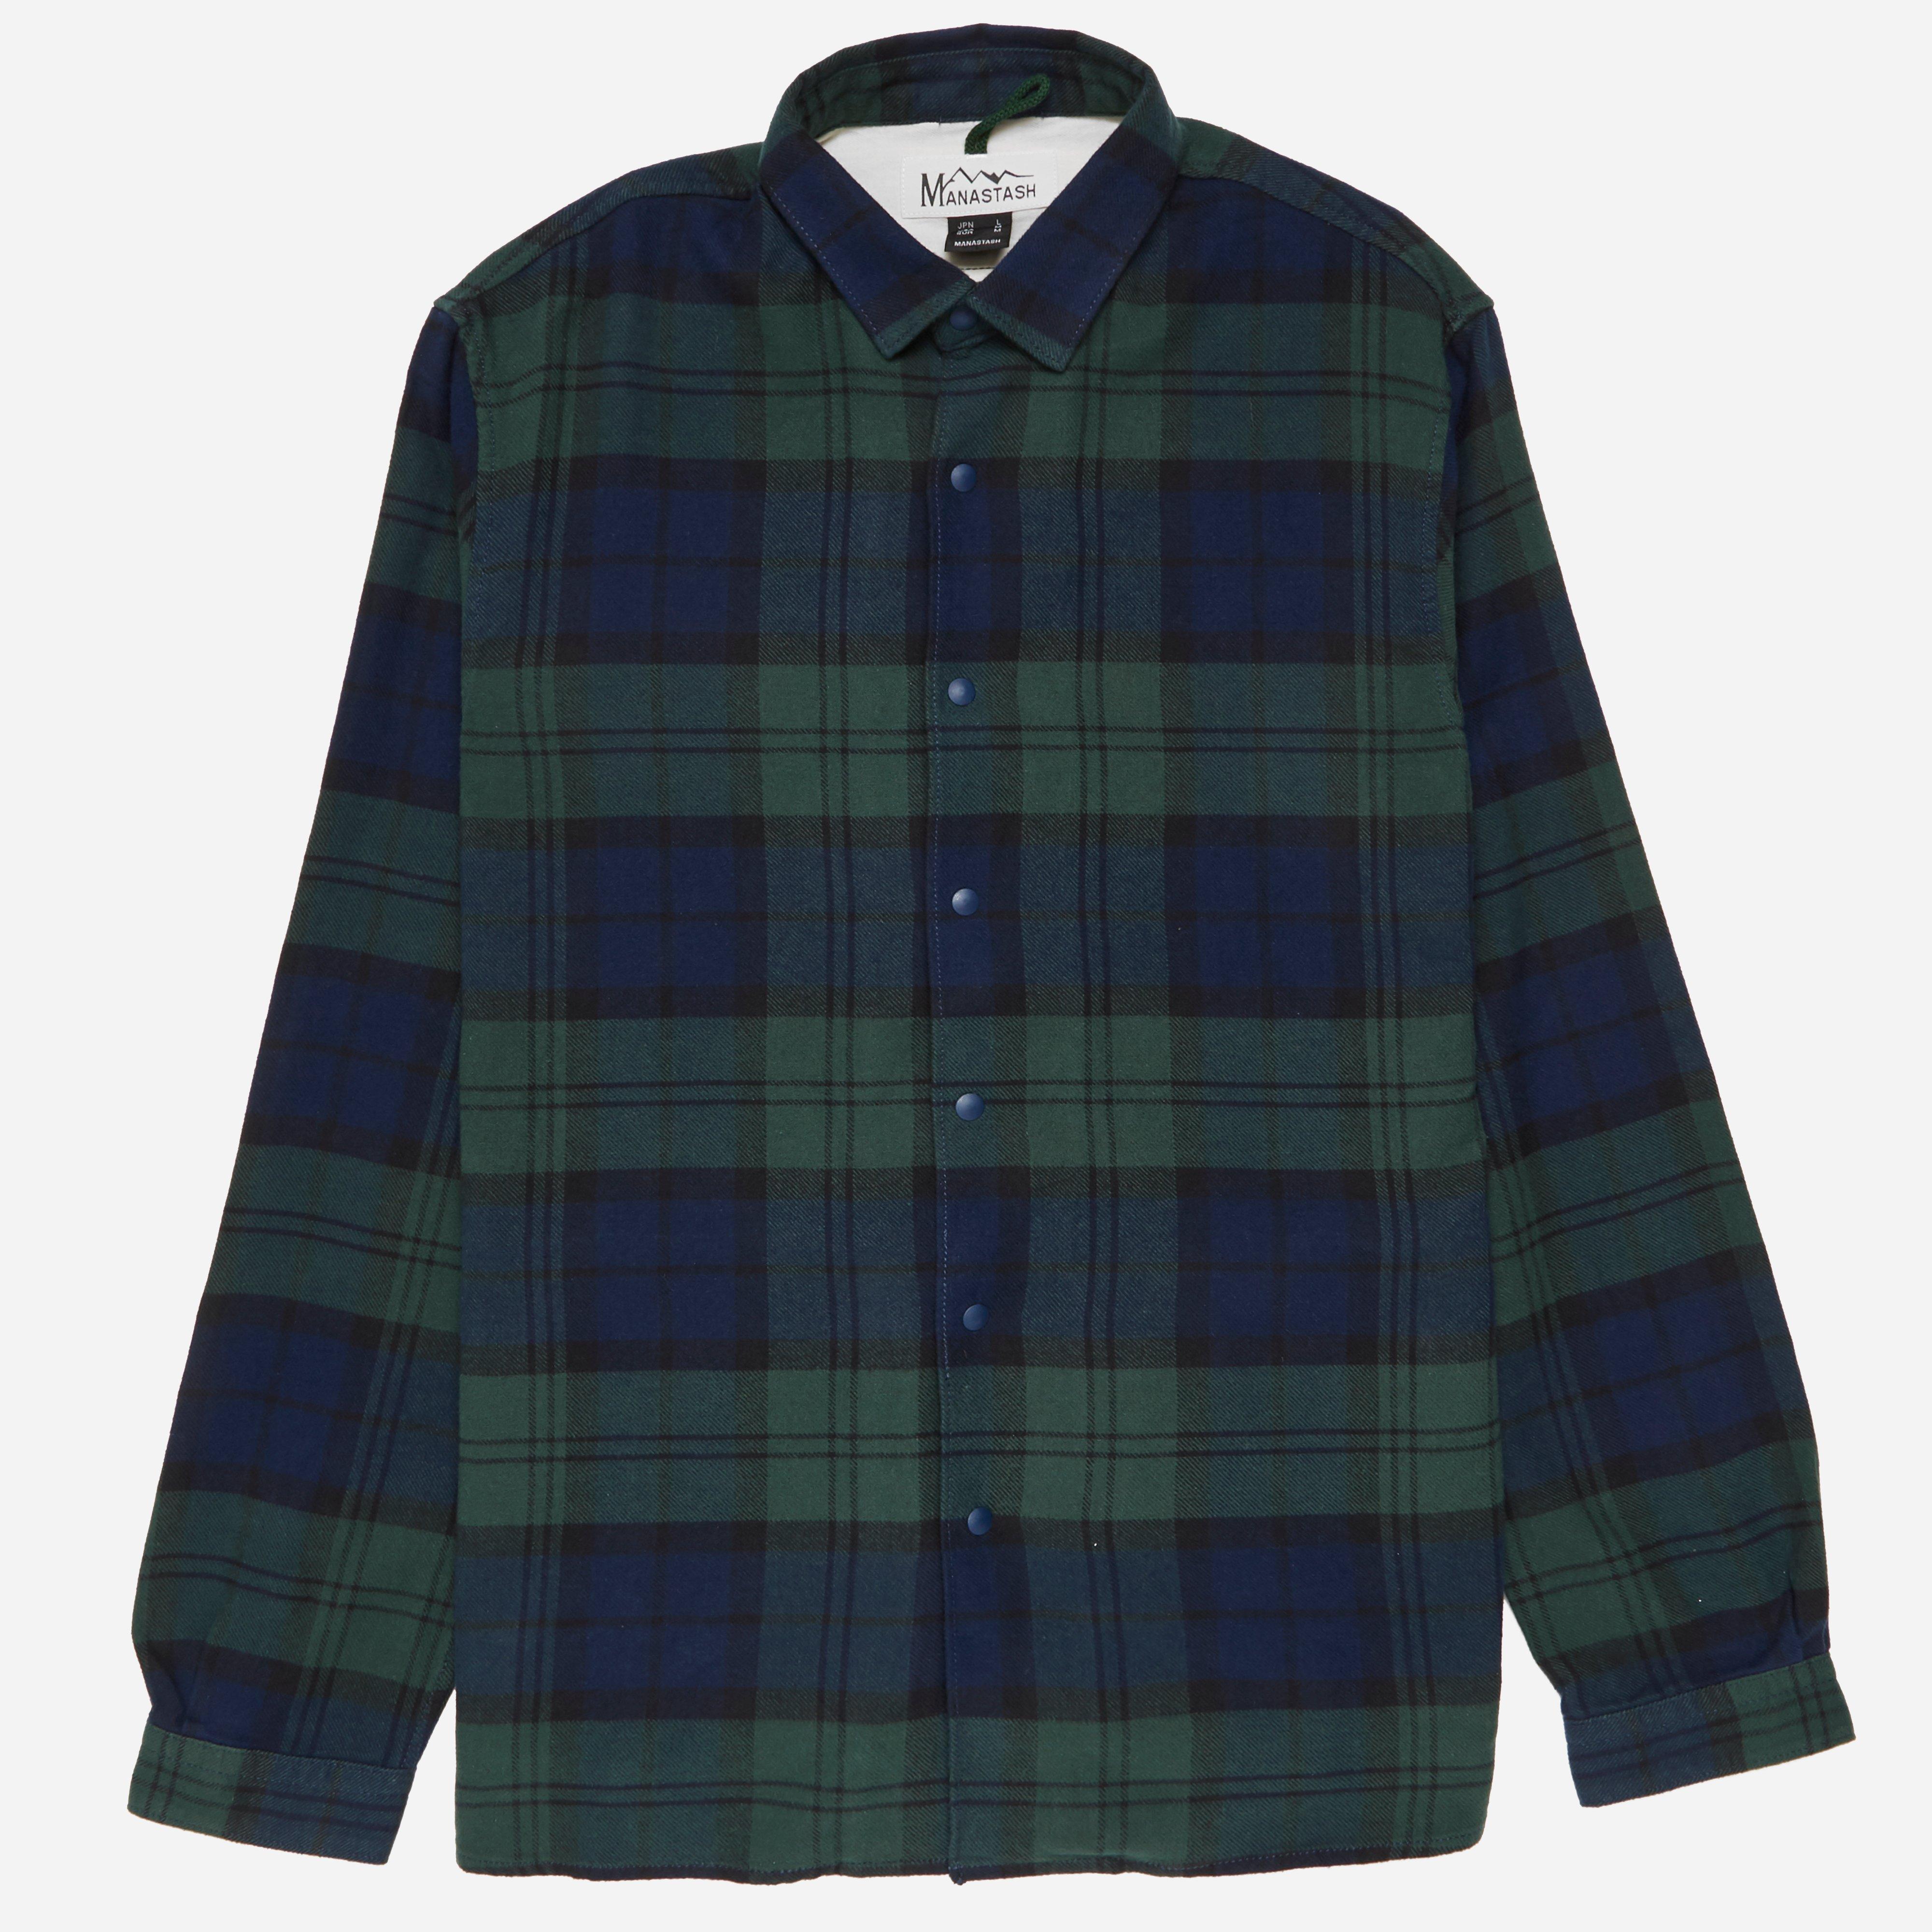 Manastash Lumber Overshirt II